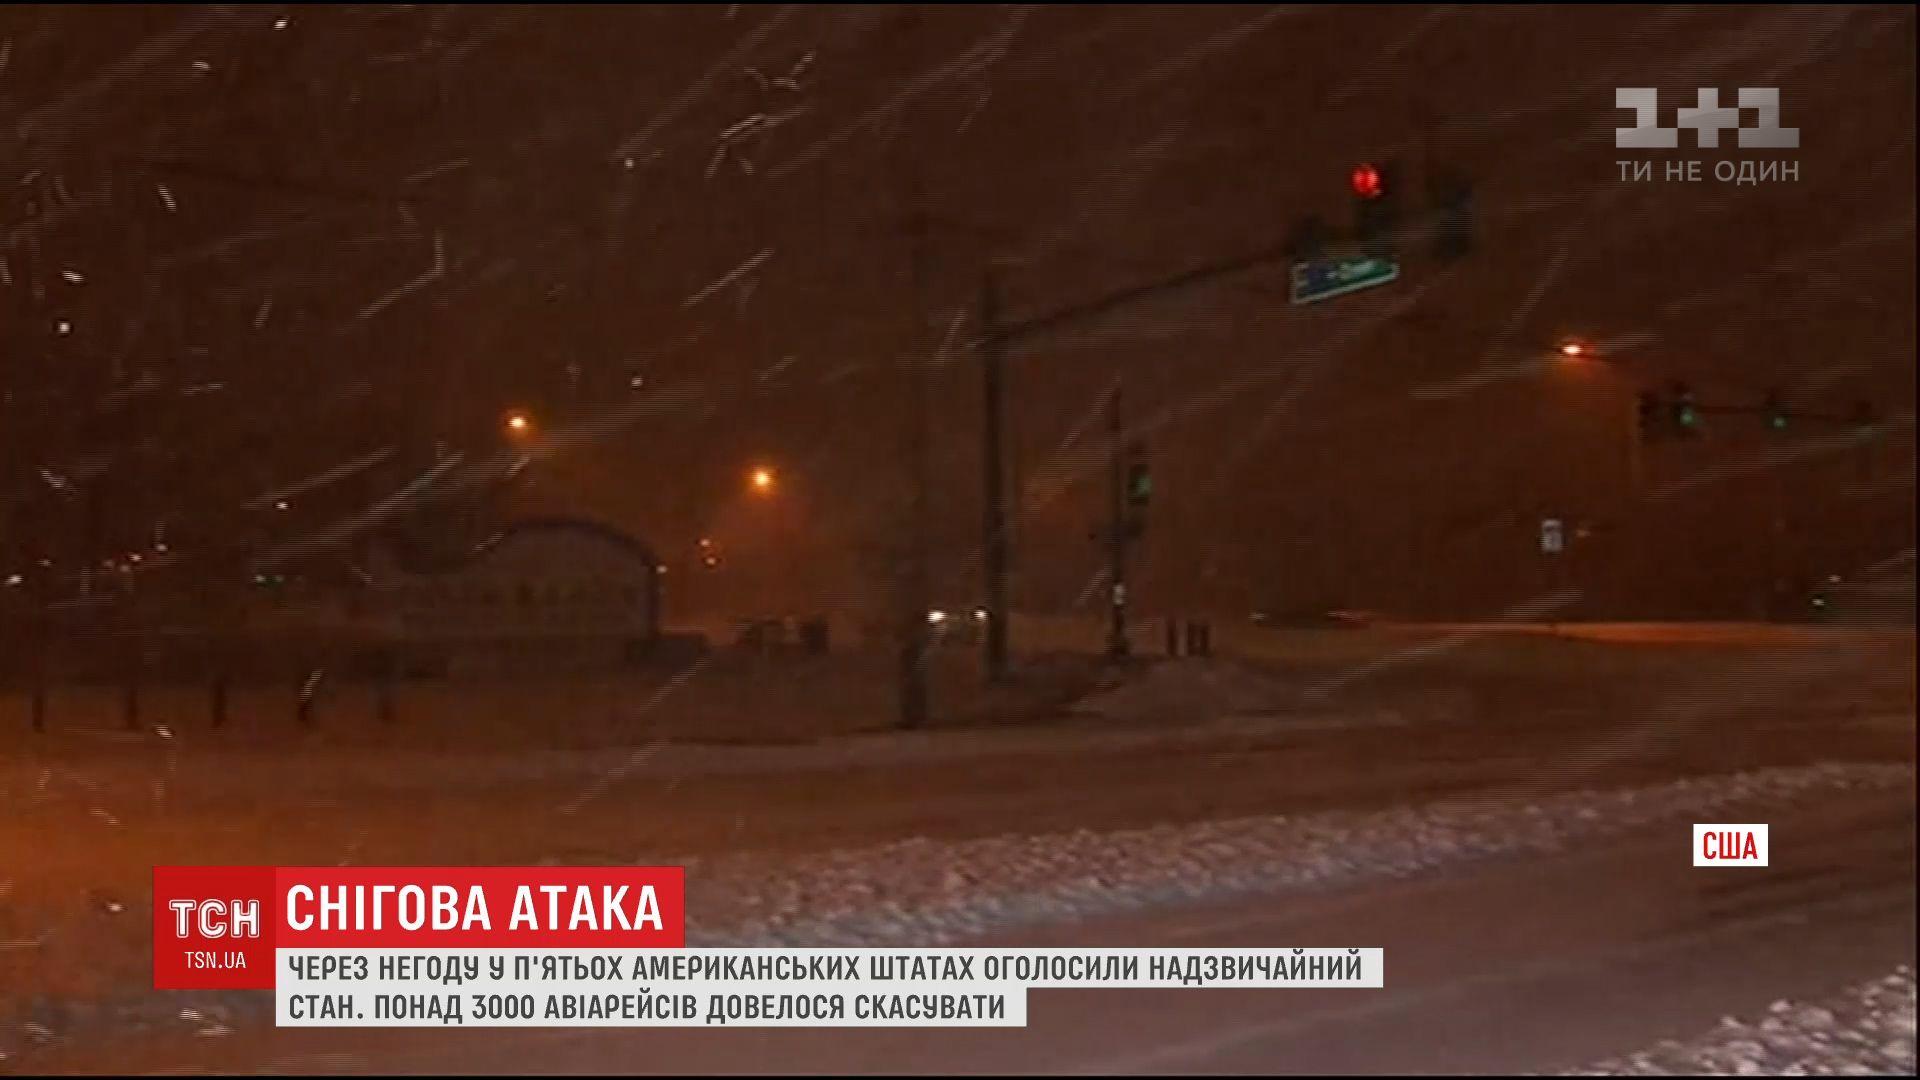 Местных призывают отказаться от путешествий / скриншот видео ТСН